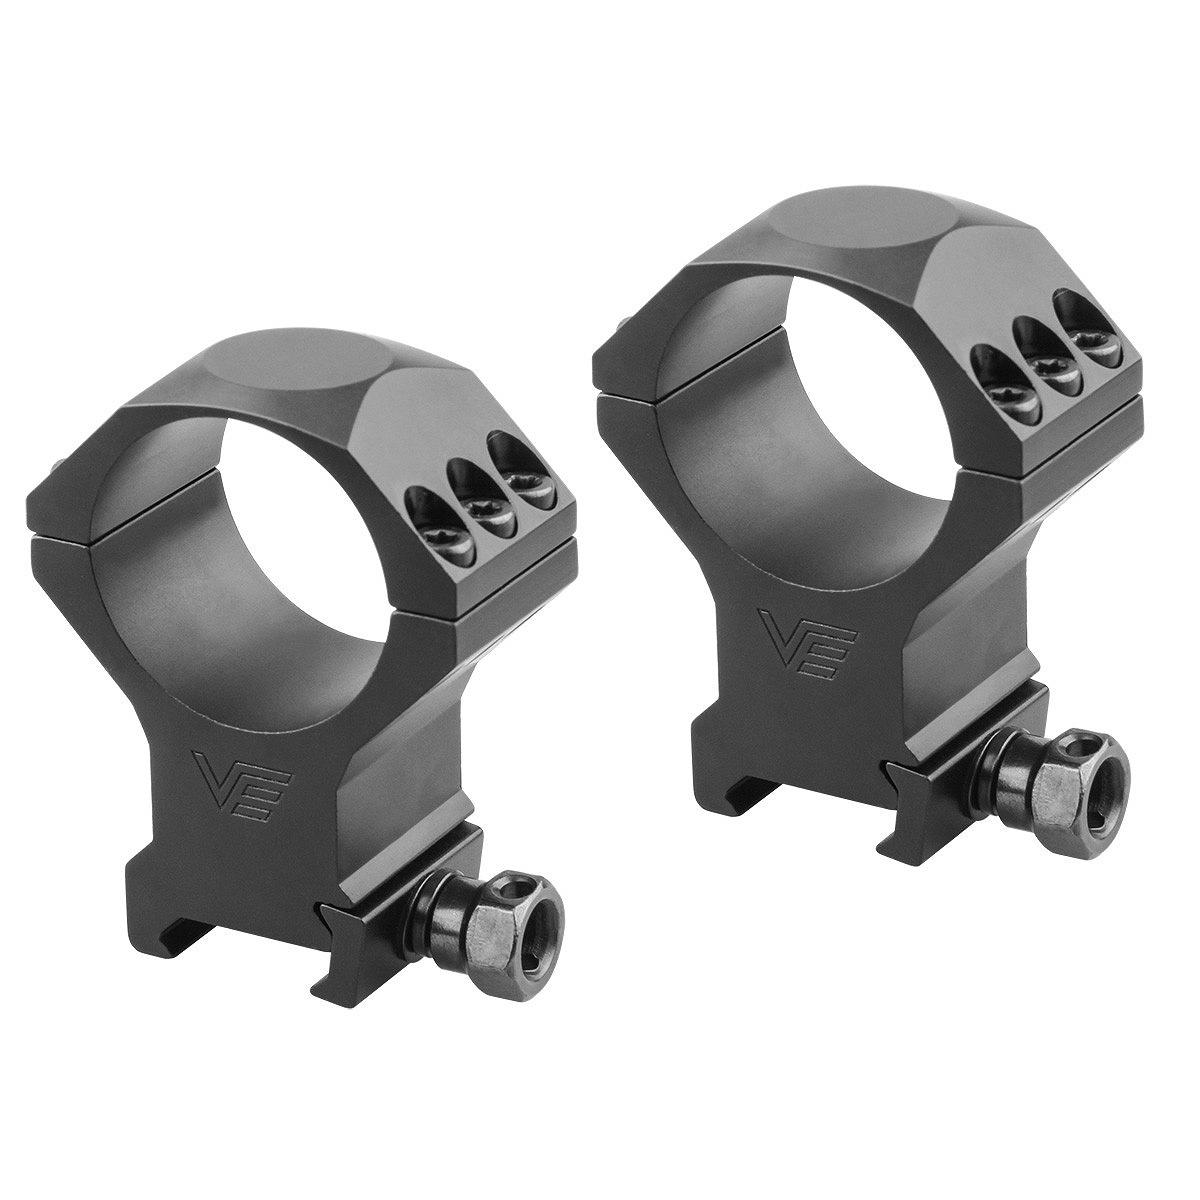 【お届け予定日: 5月30日】ベクターオプティクス ライフルスコープ コンチネンタル 4-24x56 FFP Vector Optics Continental 4-24x56 FFP